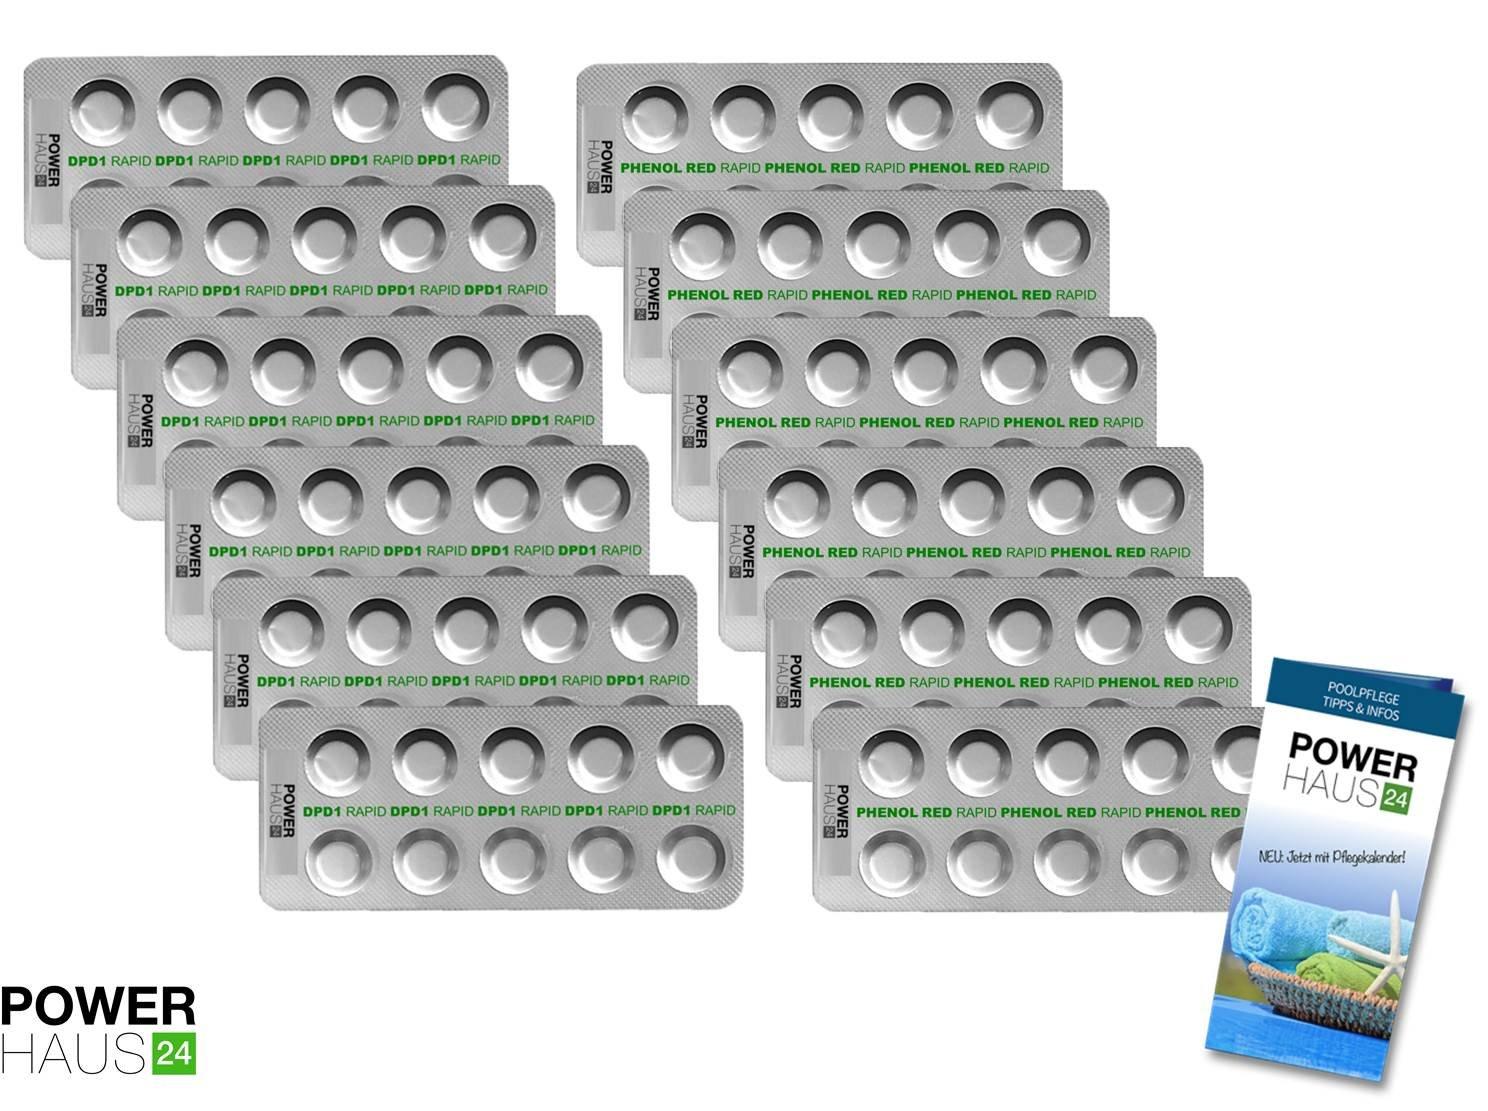 POWERHAUS24 - 120 Tabletten Chlor DPD 1 und pH Phenol Red (12 Streifen) - POWERHAUS24 Pflegefibel!